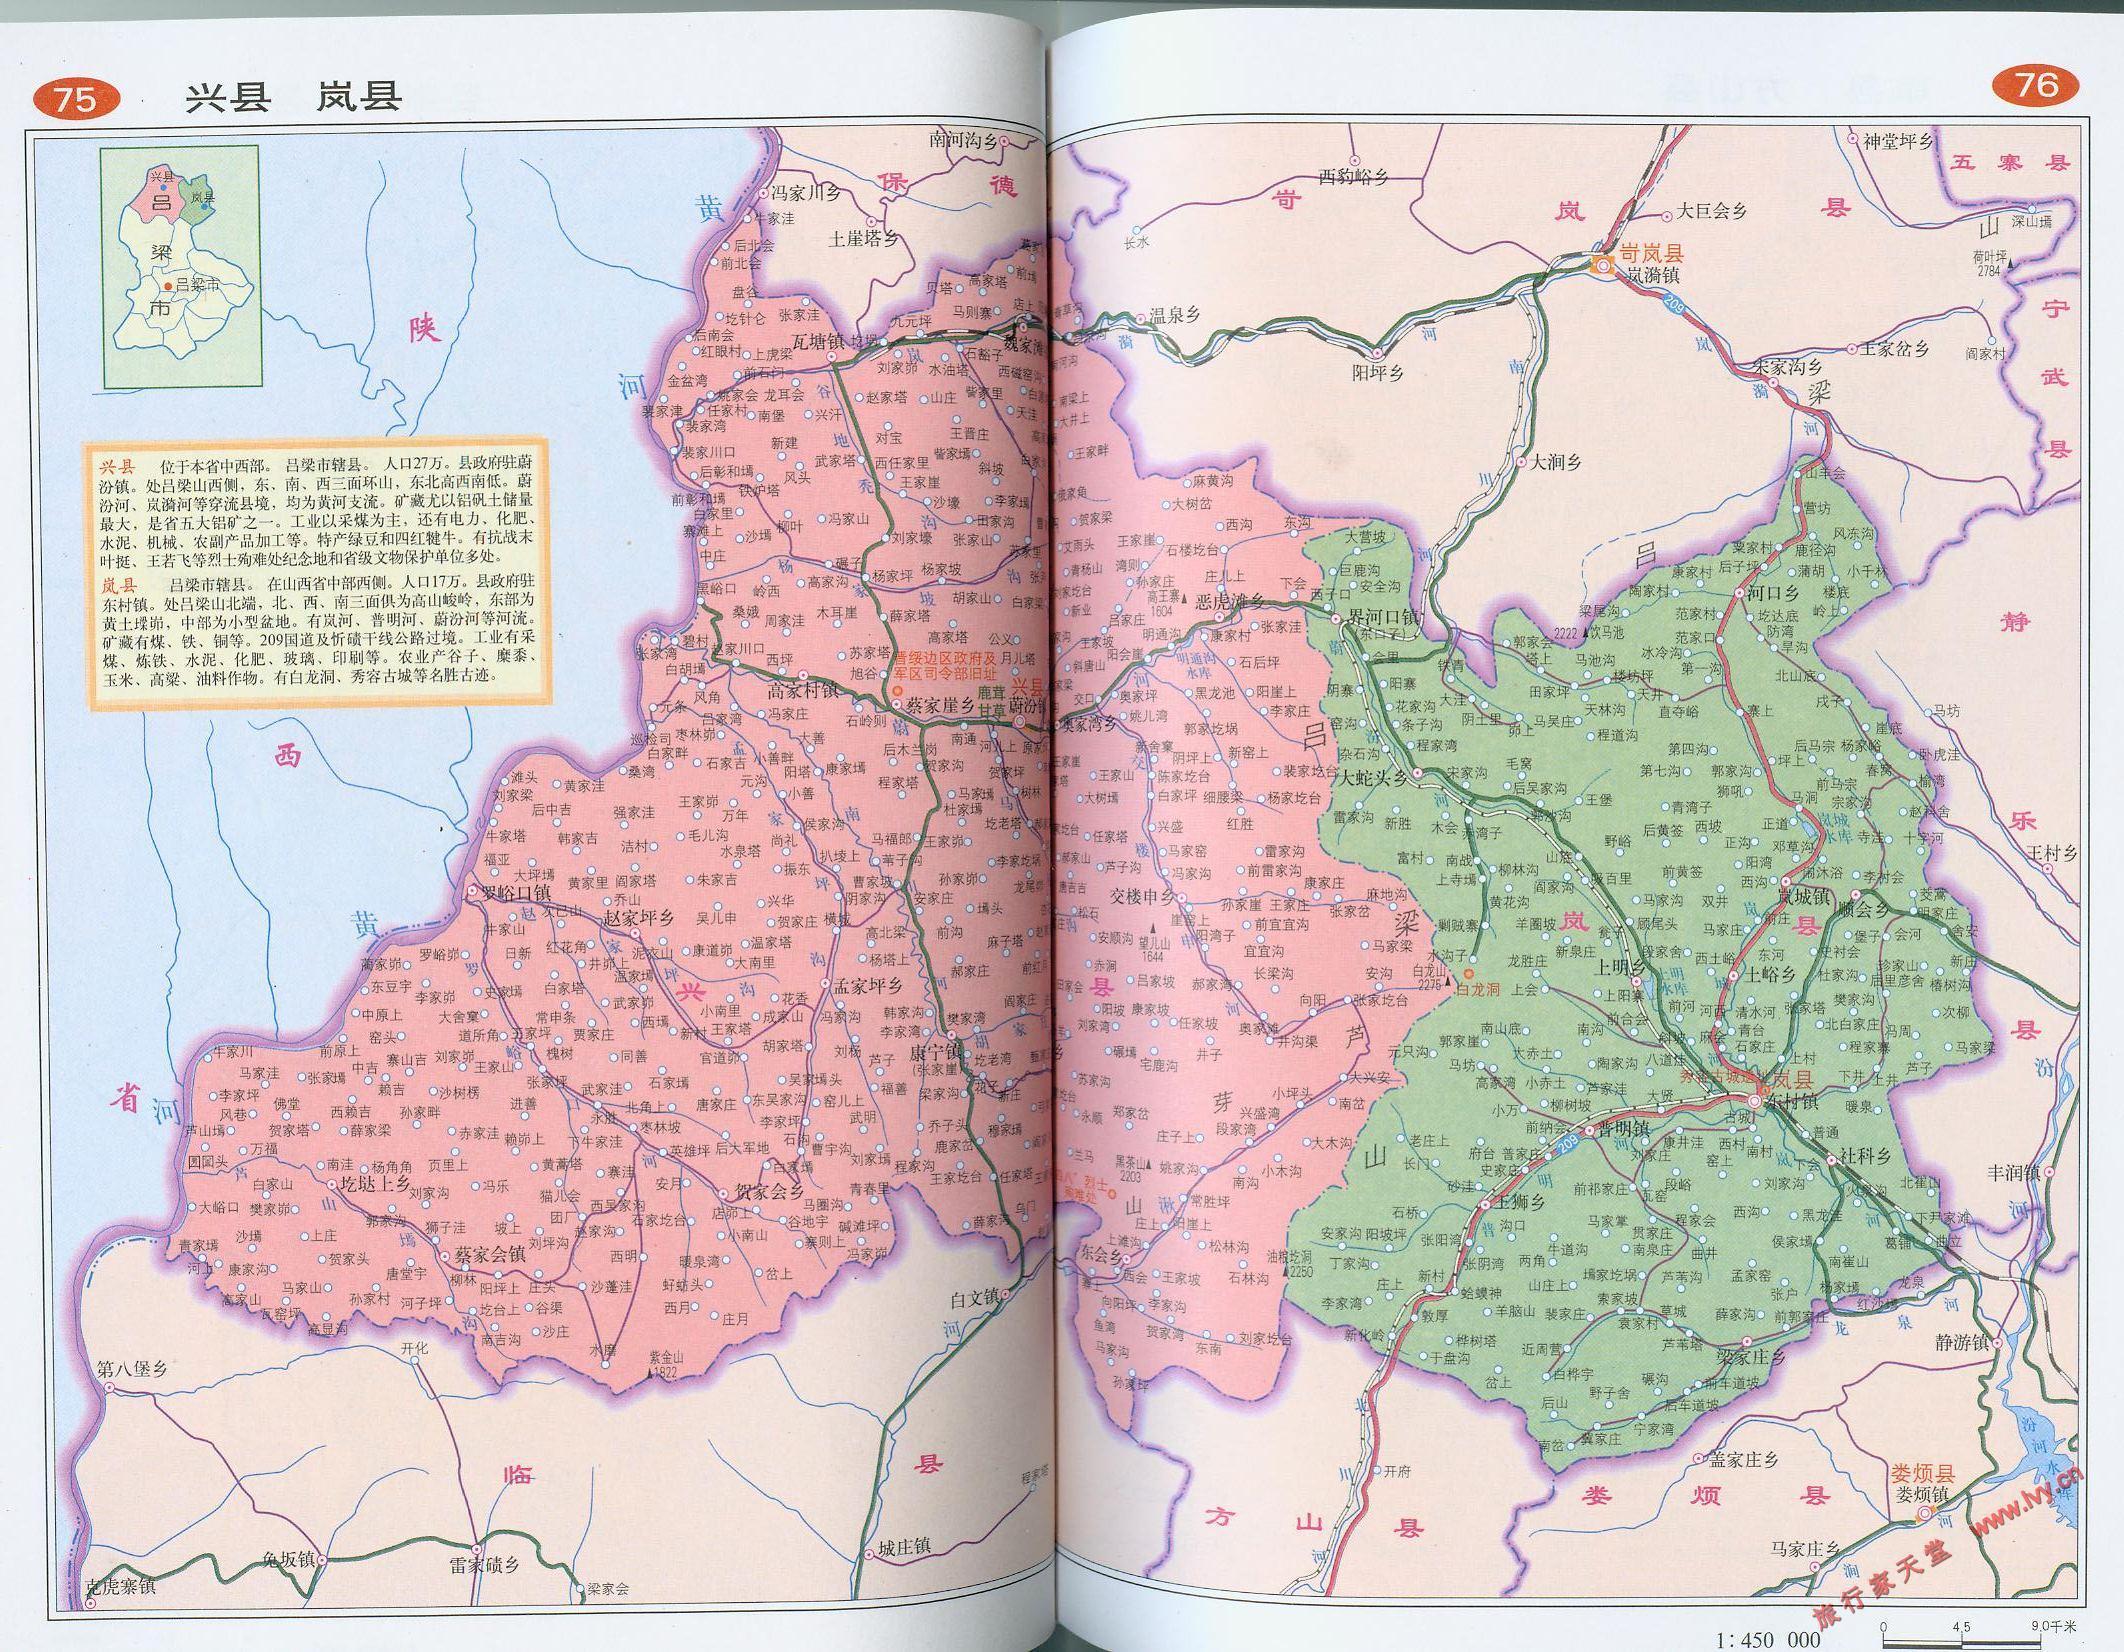 地图窝 中国 山西 吕梁  (长按地图可以放大,保存,分享)图片